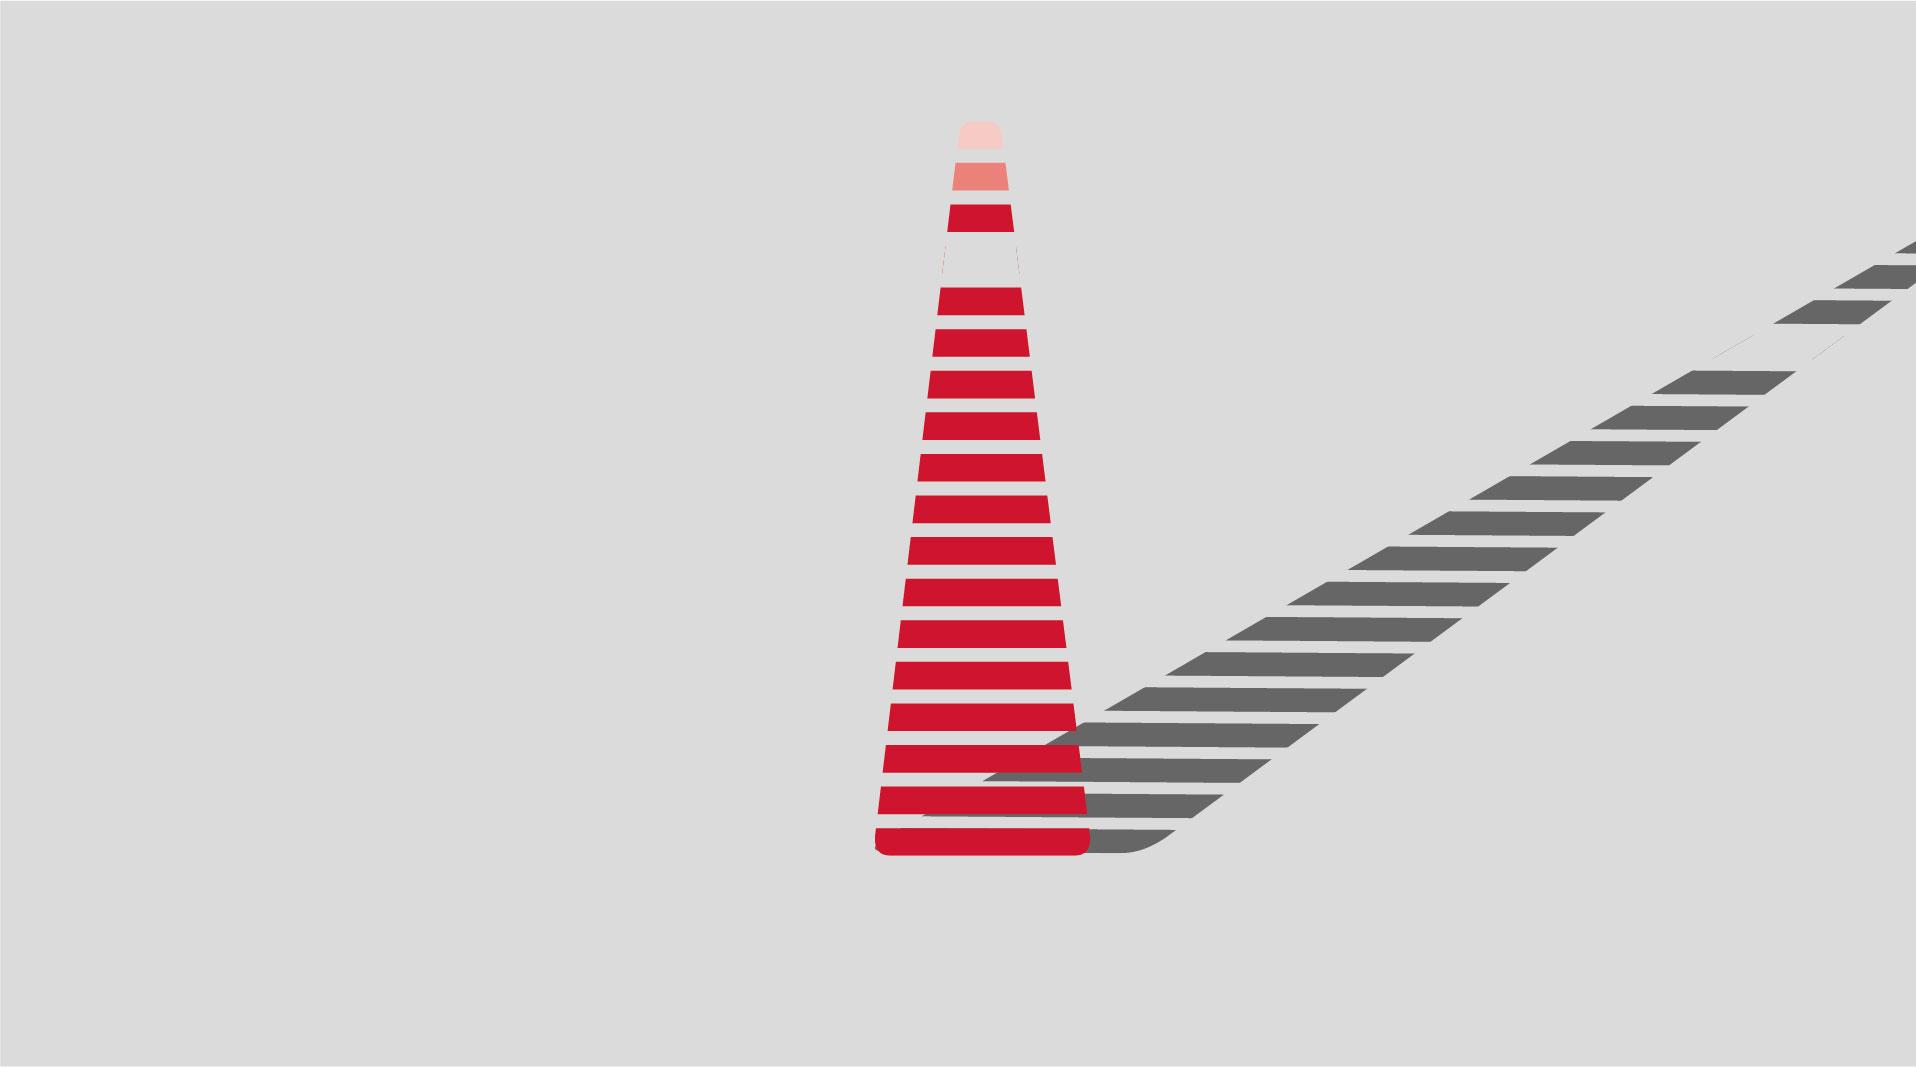 symbol design haifa2030 gili barshay